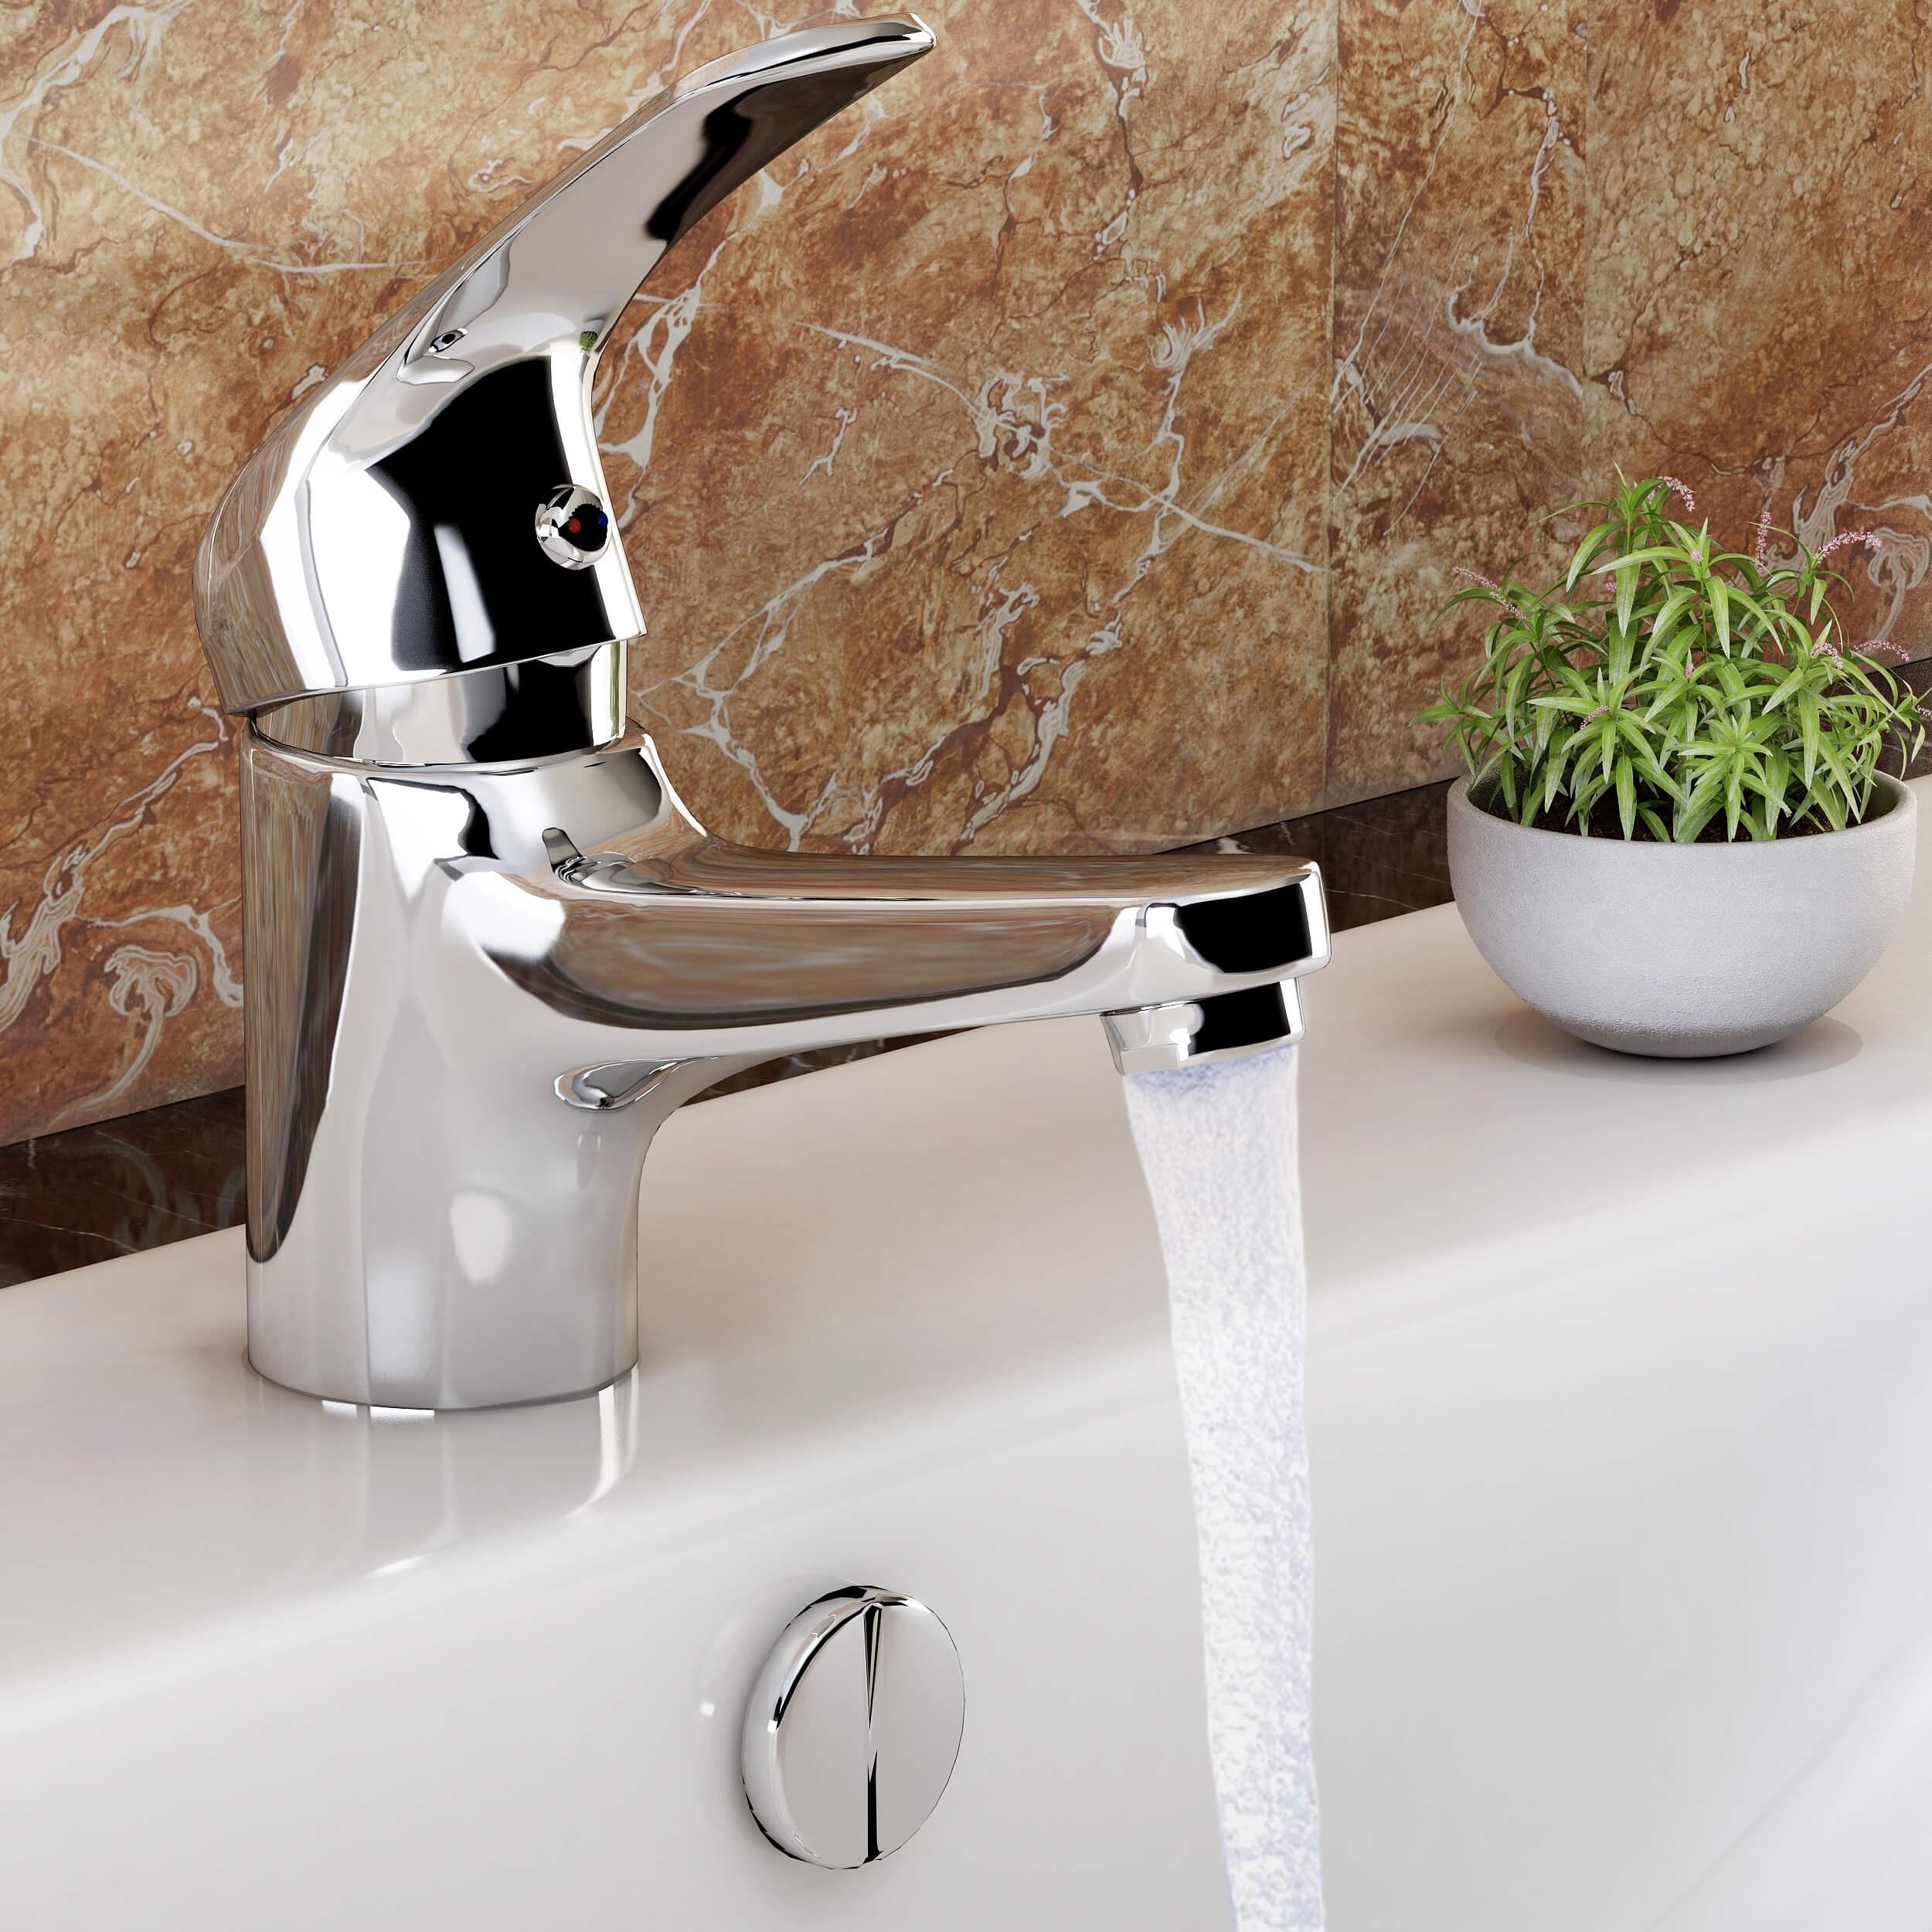 Full Size of Wasserhahn Anschluss Vilstein Waschtischarmatur Armatur Küche Wandanschluss Für Bad Wohnzimmer Wasserhahn Anschluss